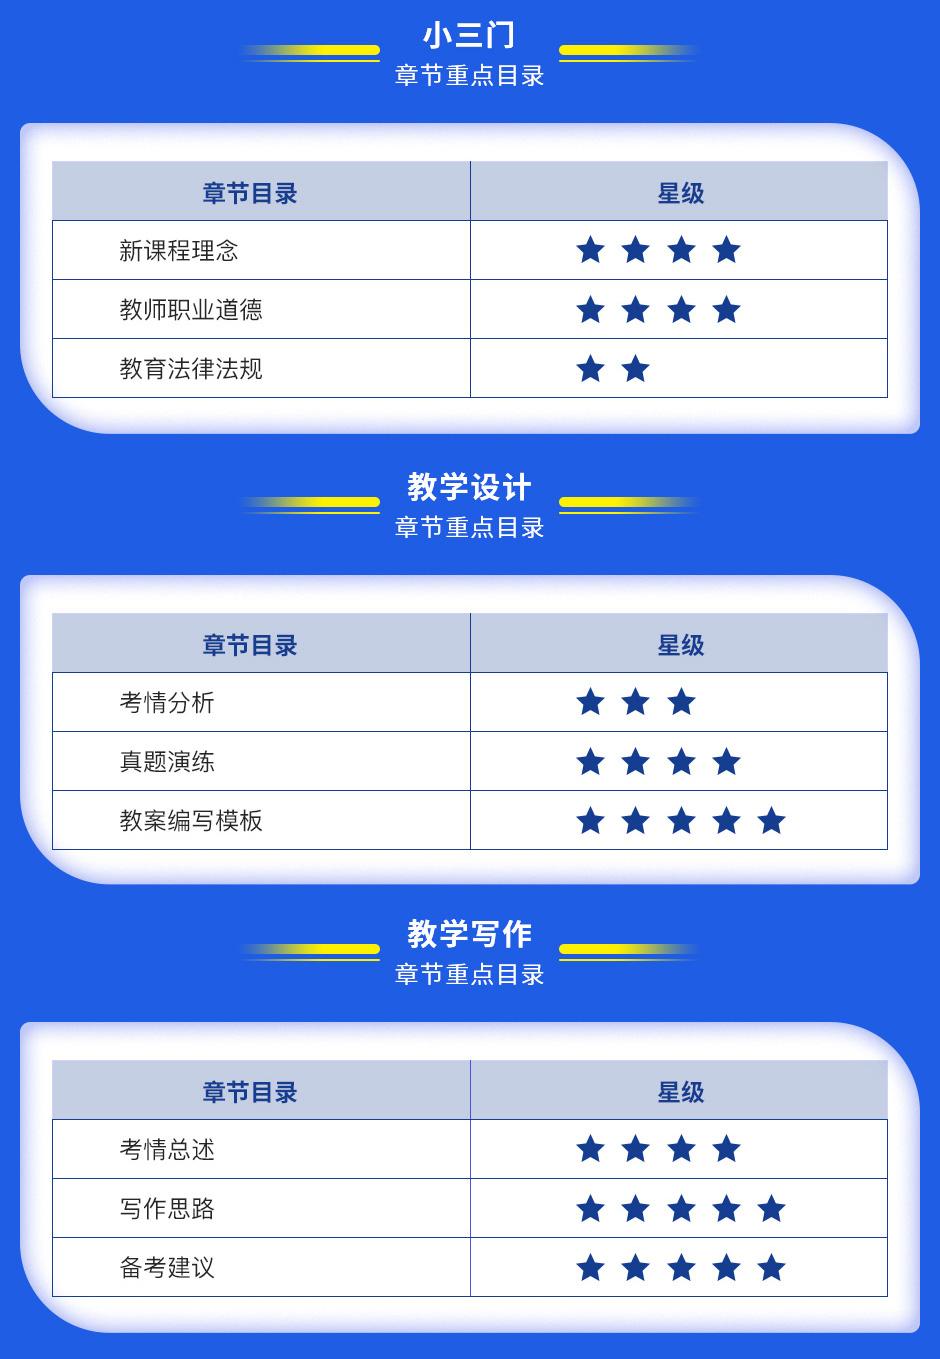 通用-招教_05.jpg